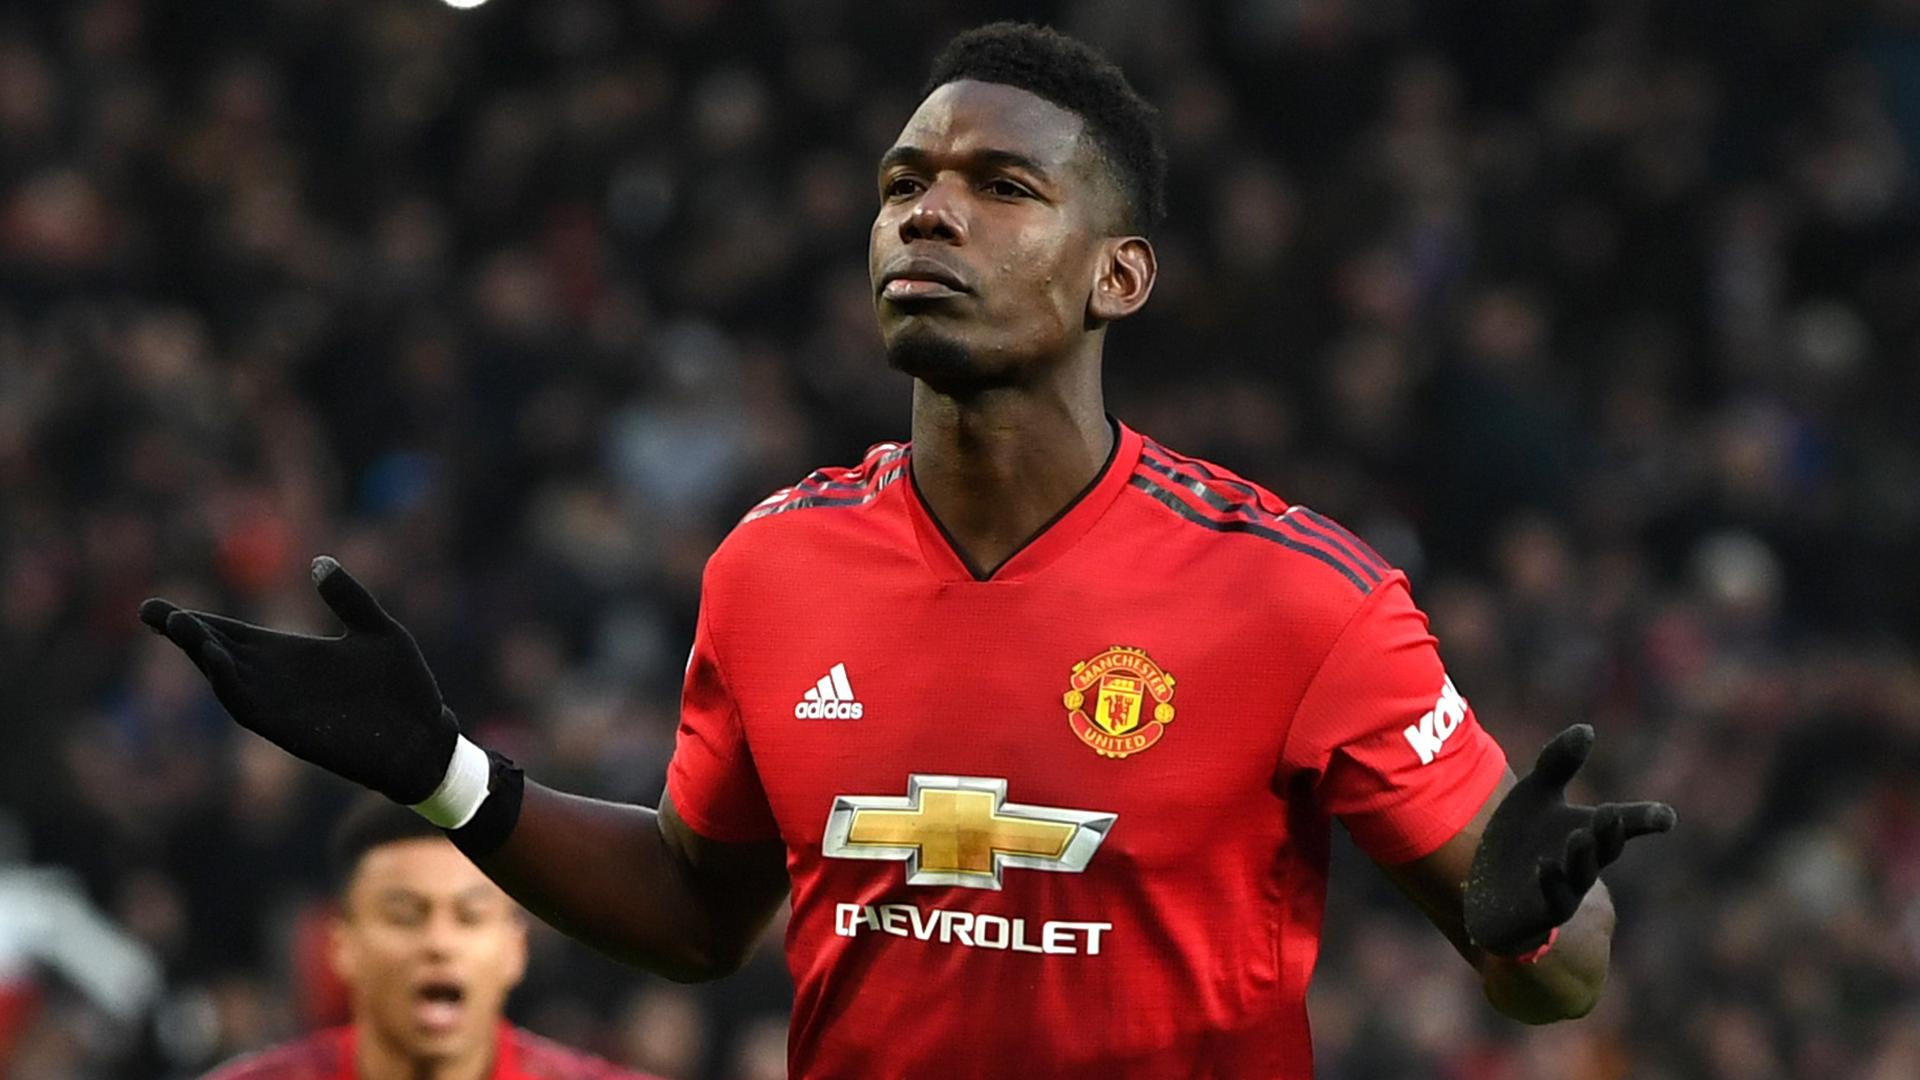 Paul Pogba Man Utd 2019